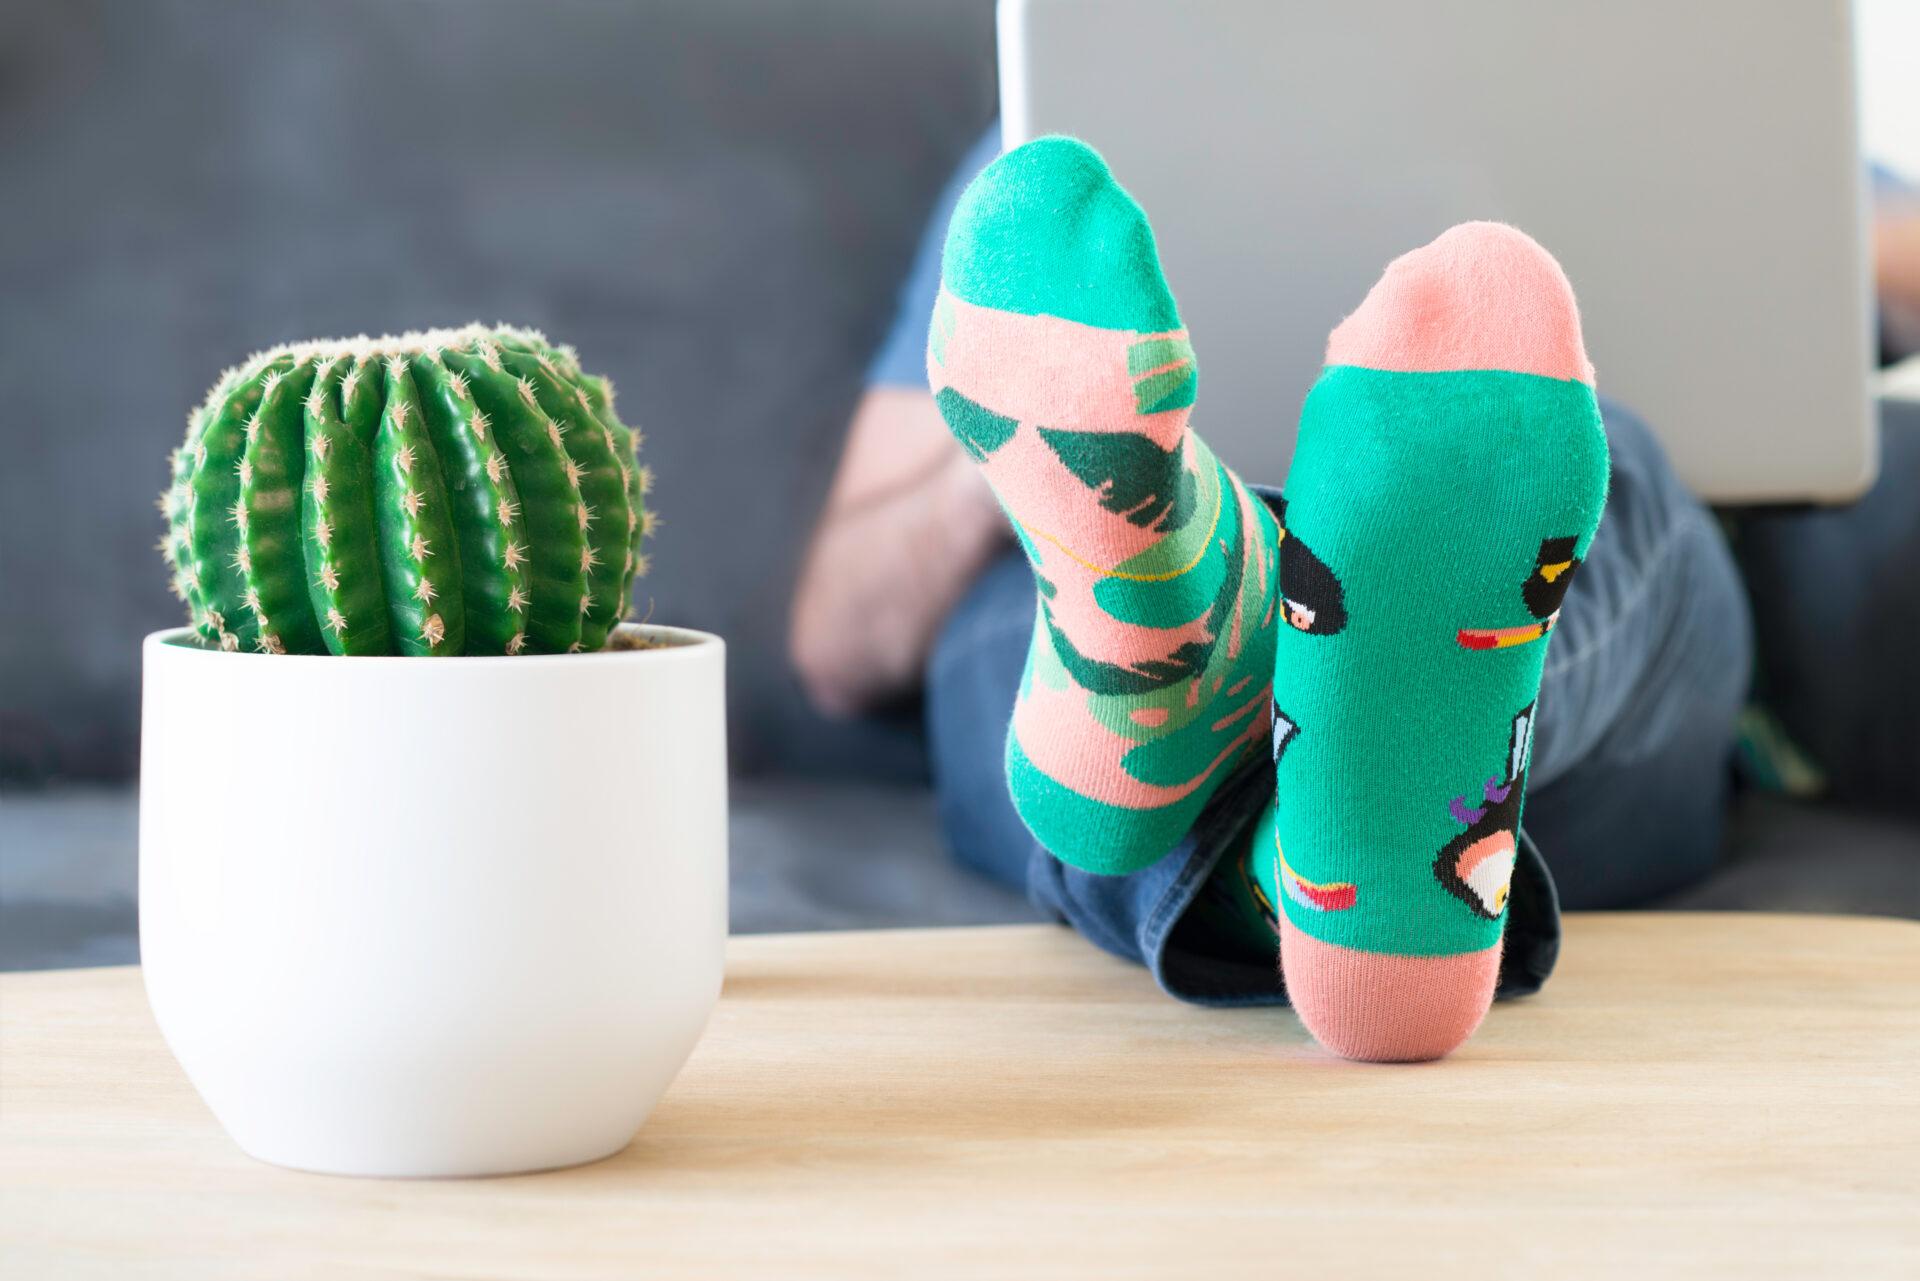 Socken bei MySox für 1€ inkl. Versand - Kostenloses erstes Probeabo + 1€ Versandkosten